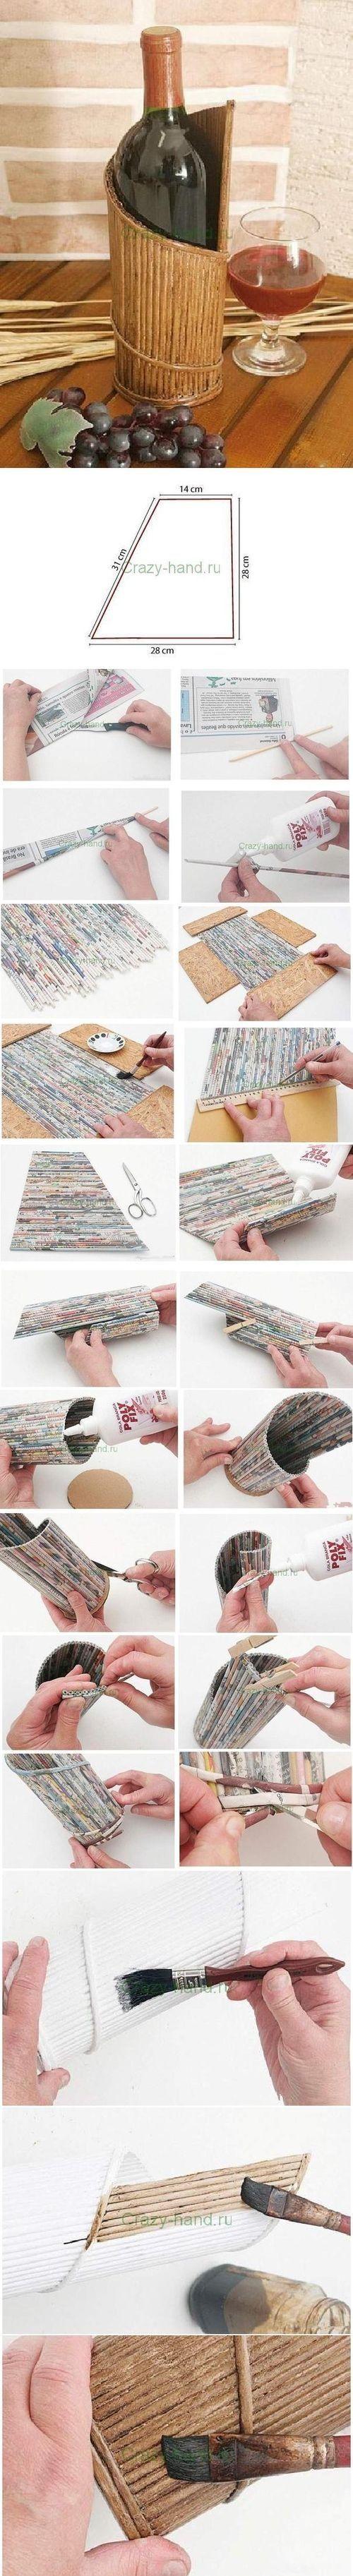 Newspaper bottle holder.....gorgeous!